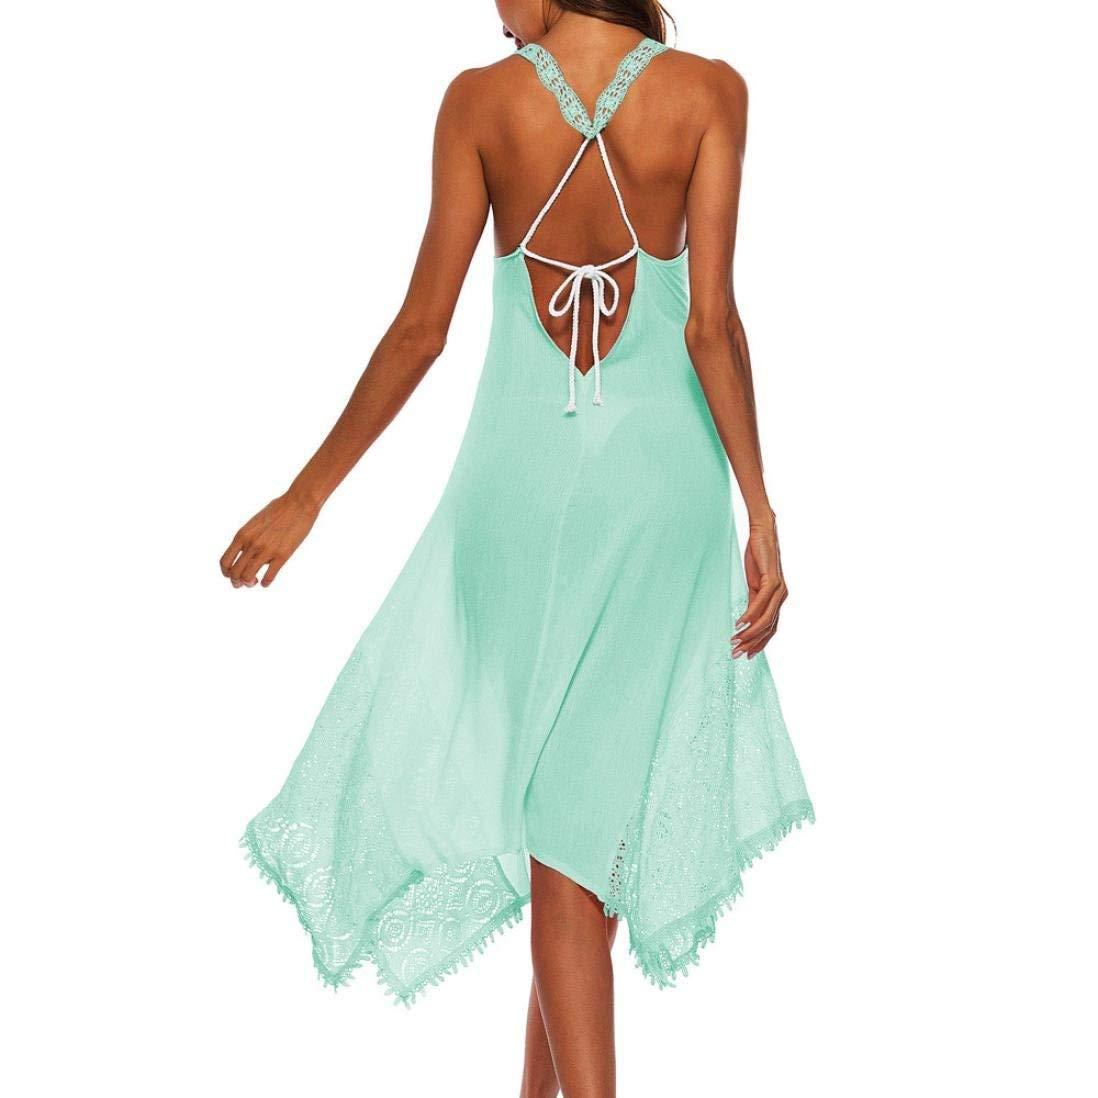 7b0530d3a9 Suit Skirt Elegant Lace Dress Women s Sleeveless Irregular Cocktail Dress  Sleeveless Casual Beach Dress Sundress Green Pink Black White Wild Tight  for Women ...